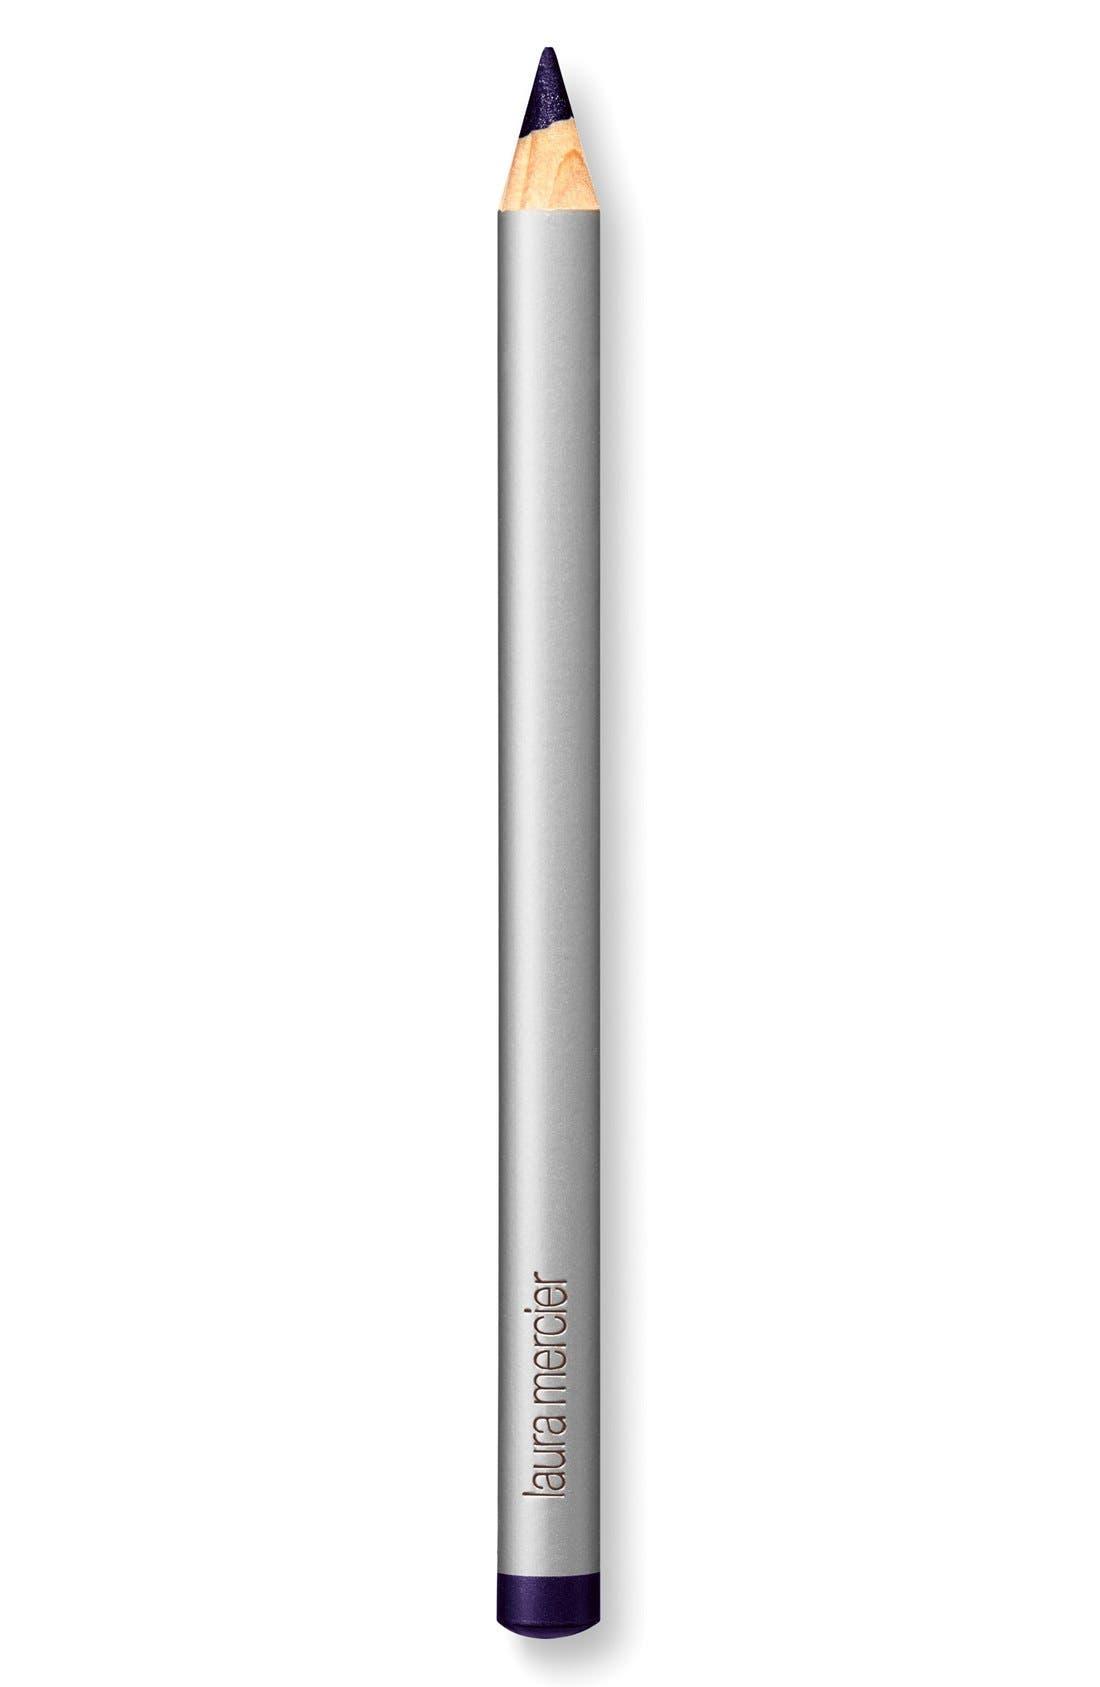 Kohl Eye Pencil,                             Main thumbnail 6, color,